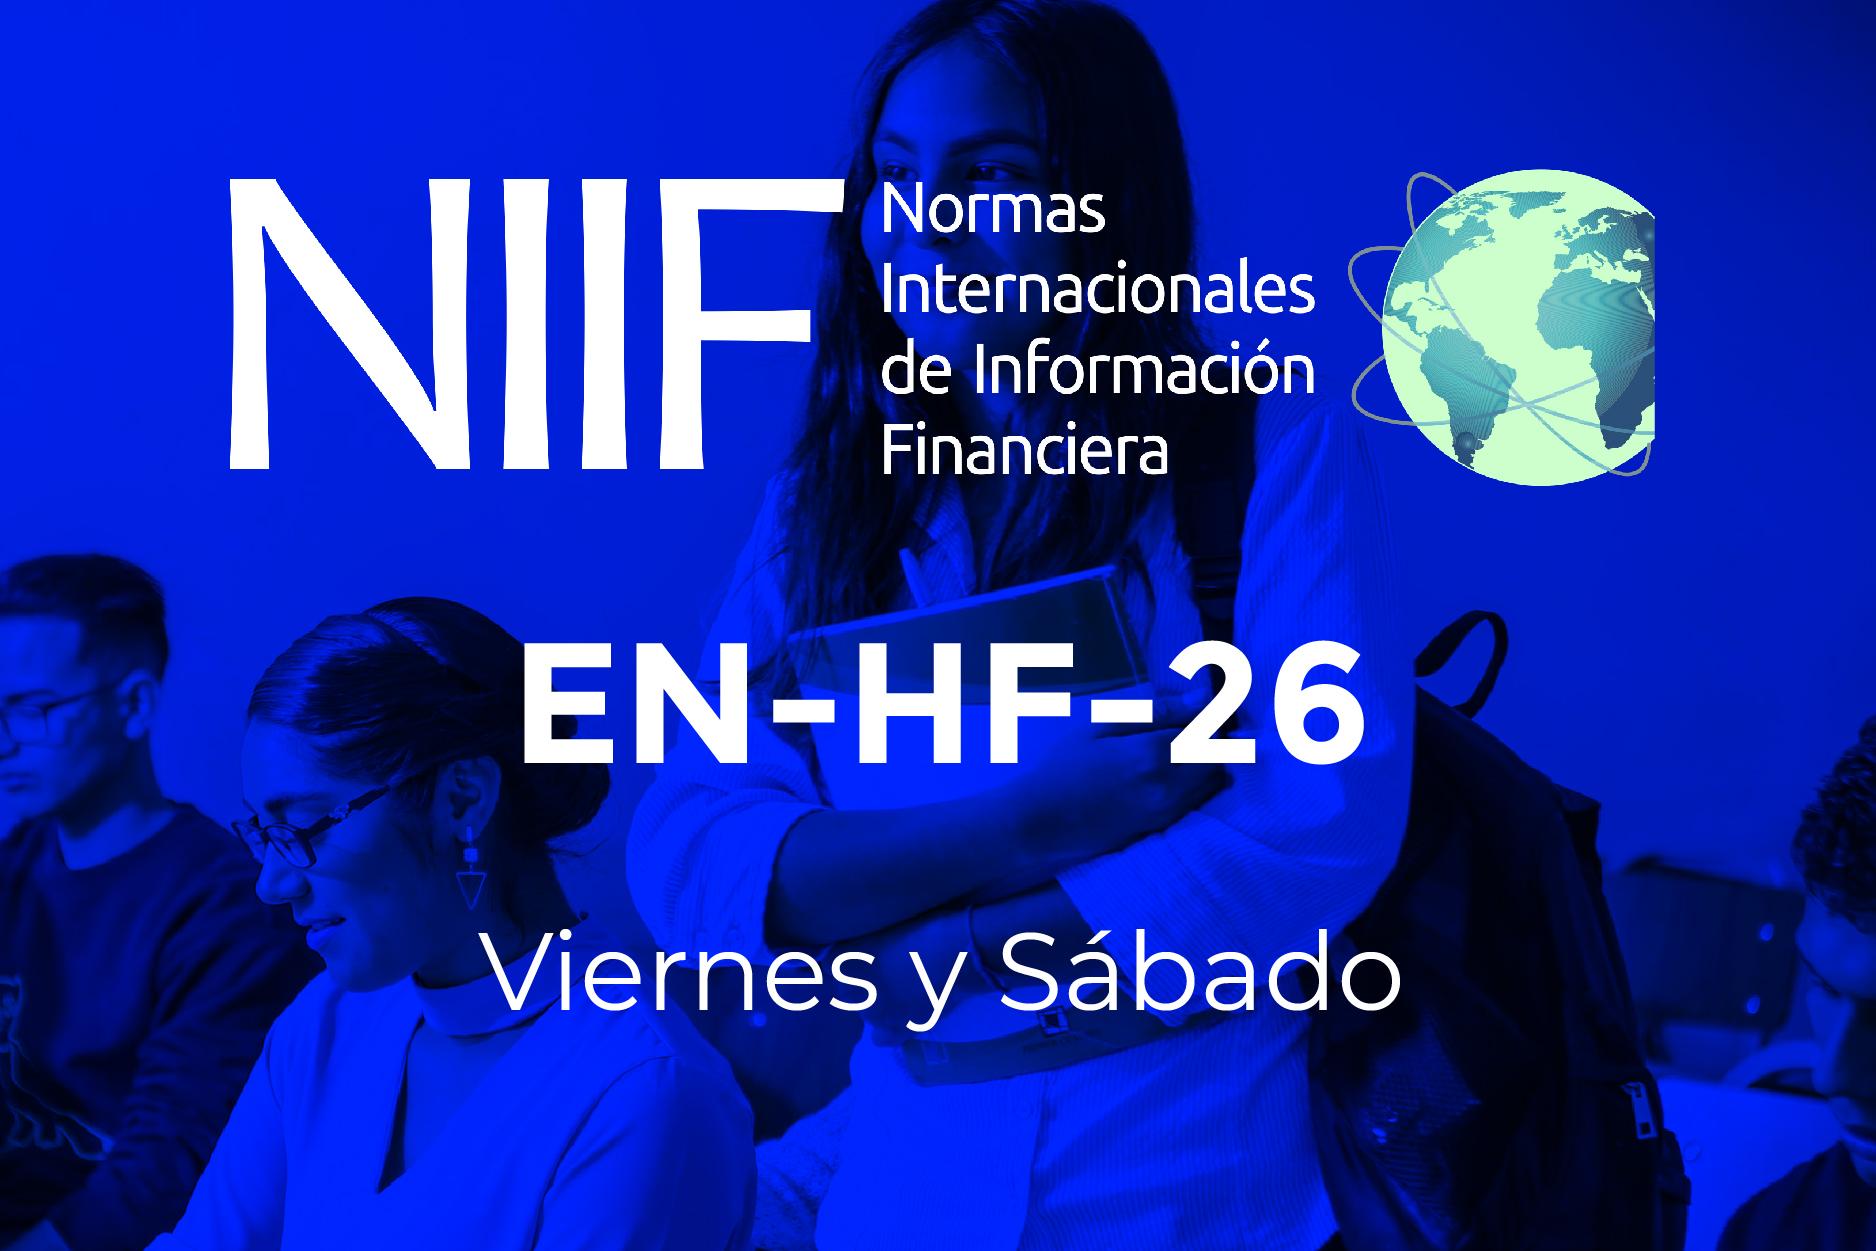 26 - NIIF - VIERNES Y SÁBADO